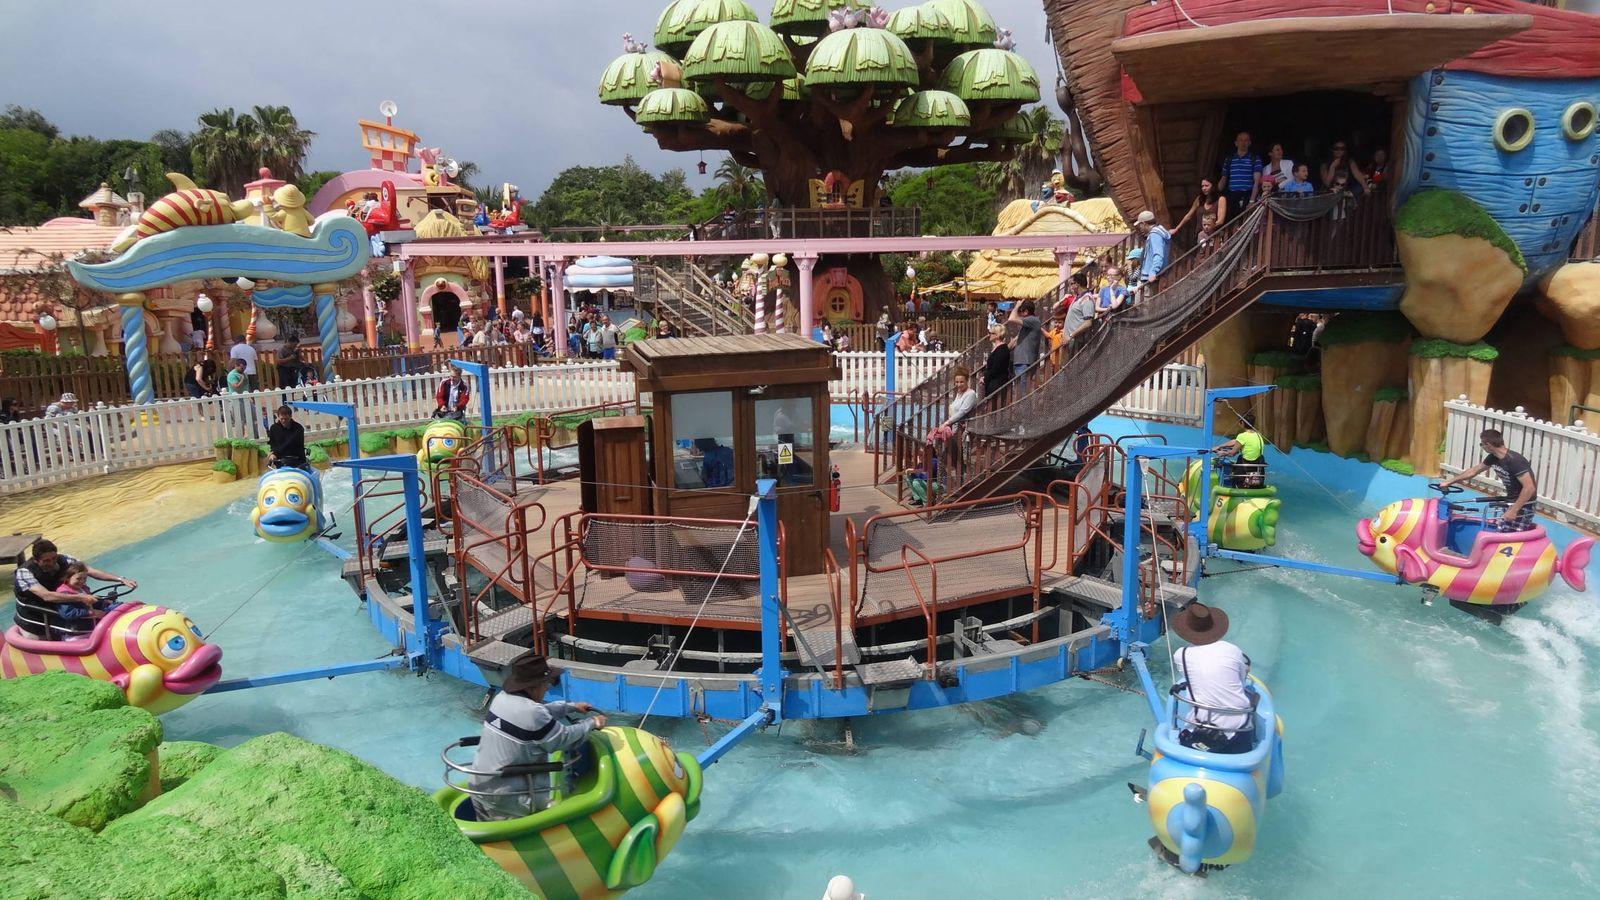 Vacaciones de port aventura al hotel del juguete alojamientos para ni os este verano viajes - Hotel piscina toboganes para ninos ...